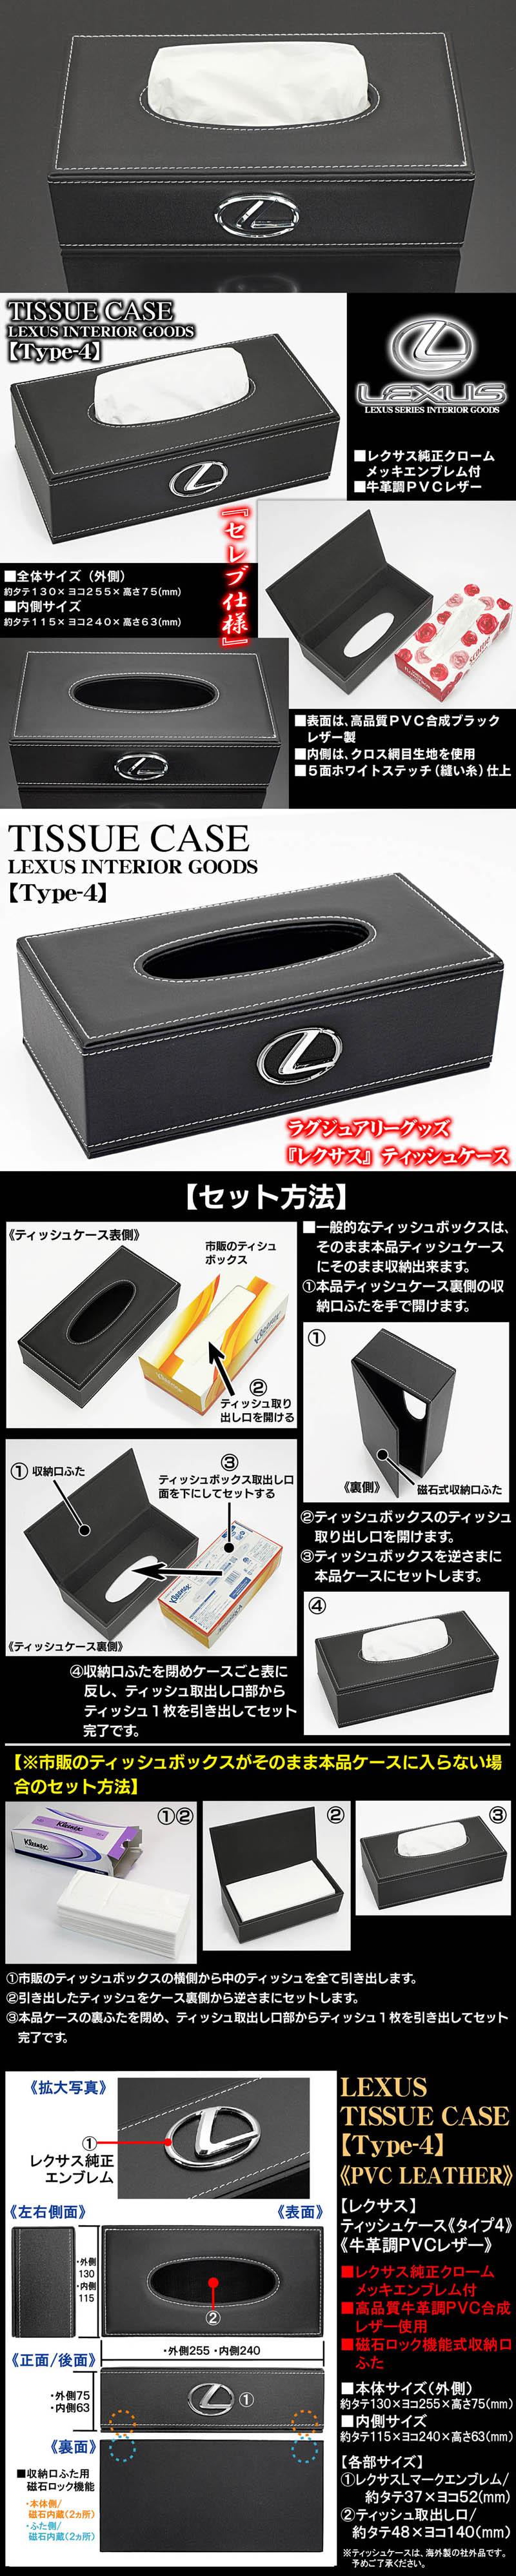 《レクサス》ティッシュケース/牛革調PVC合成レザー【タイプ4/ブラック】レクサス純正メッキエンブレム付/ブラガ